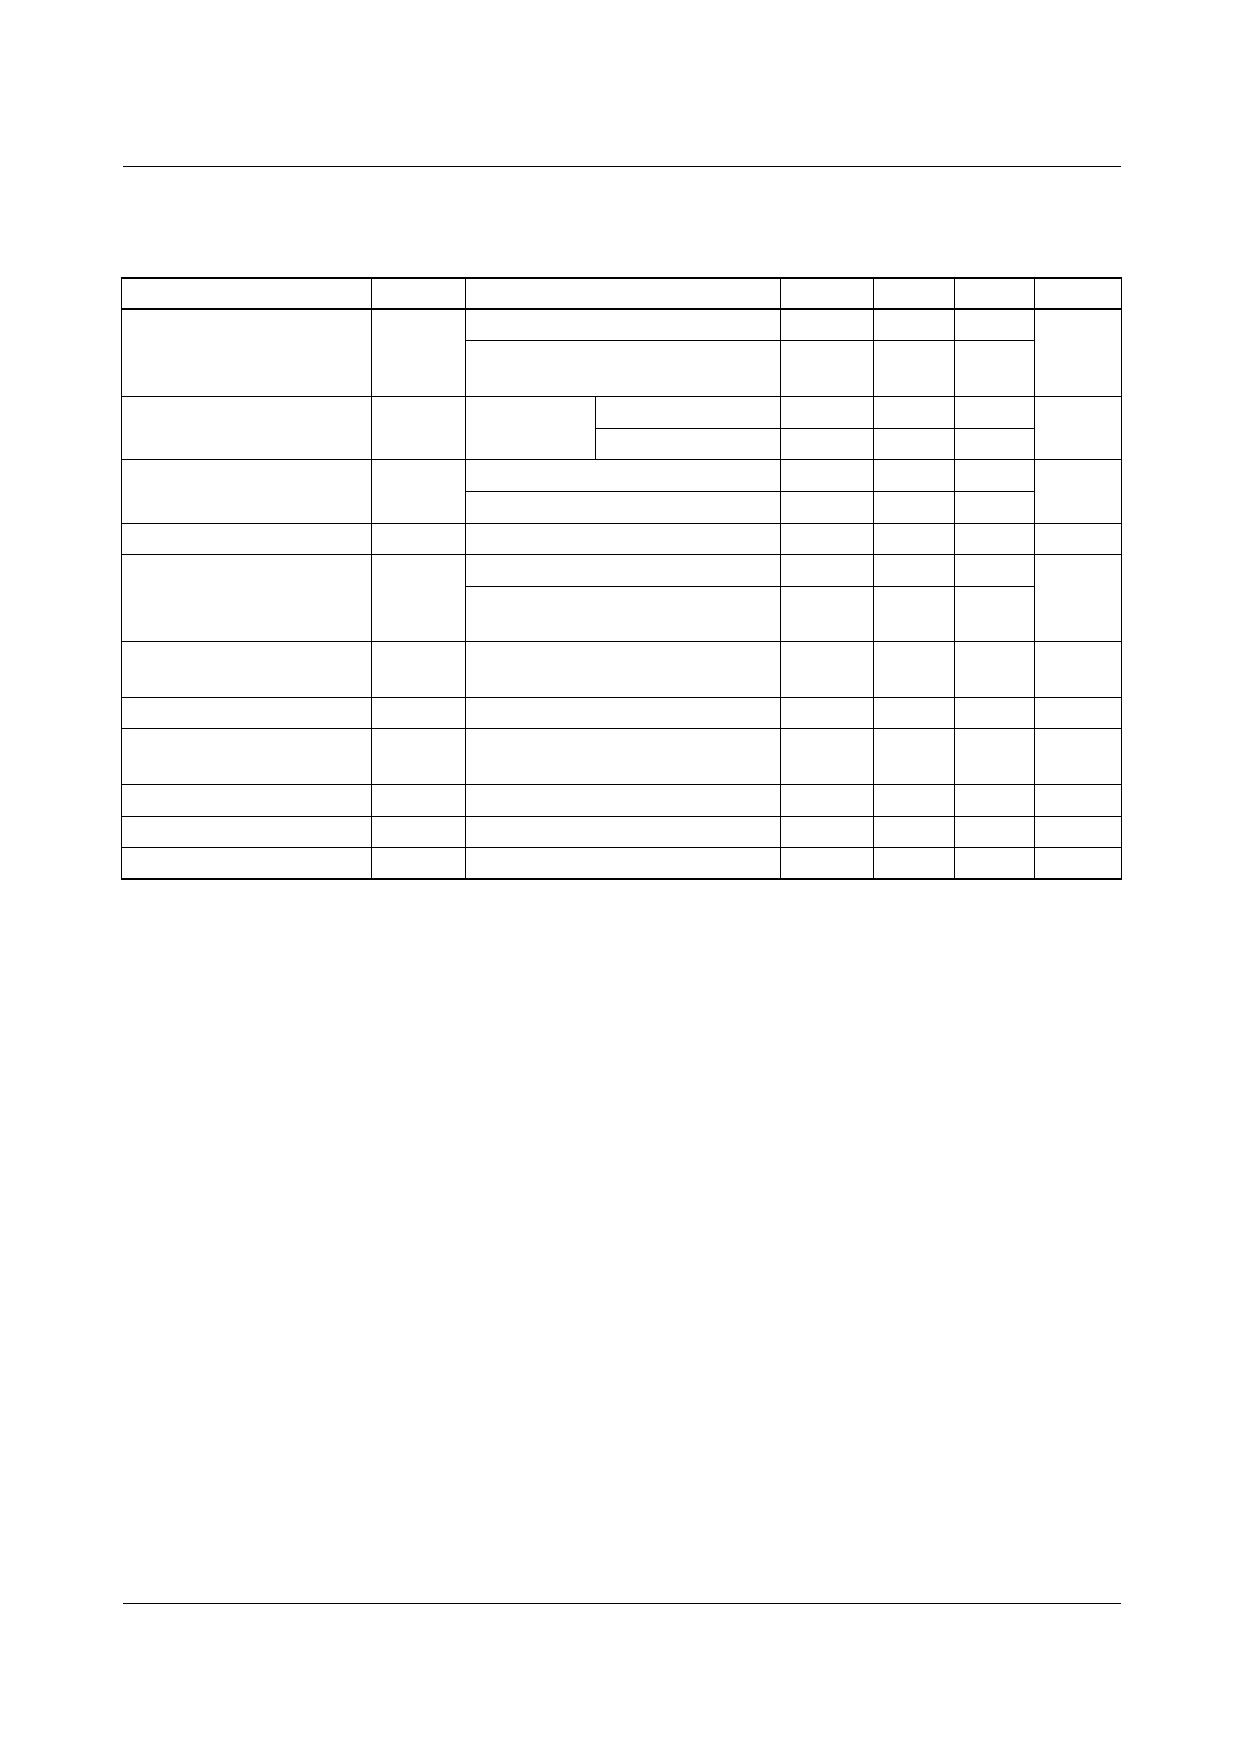 KA78M18R pdf, ピン配列